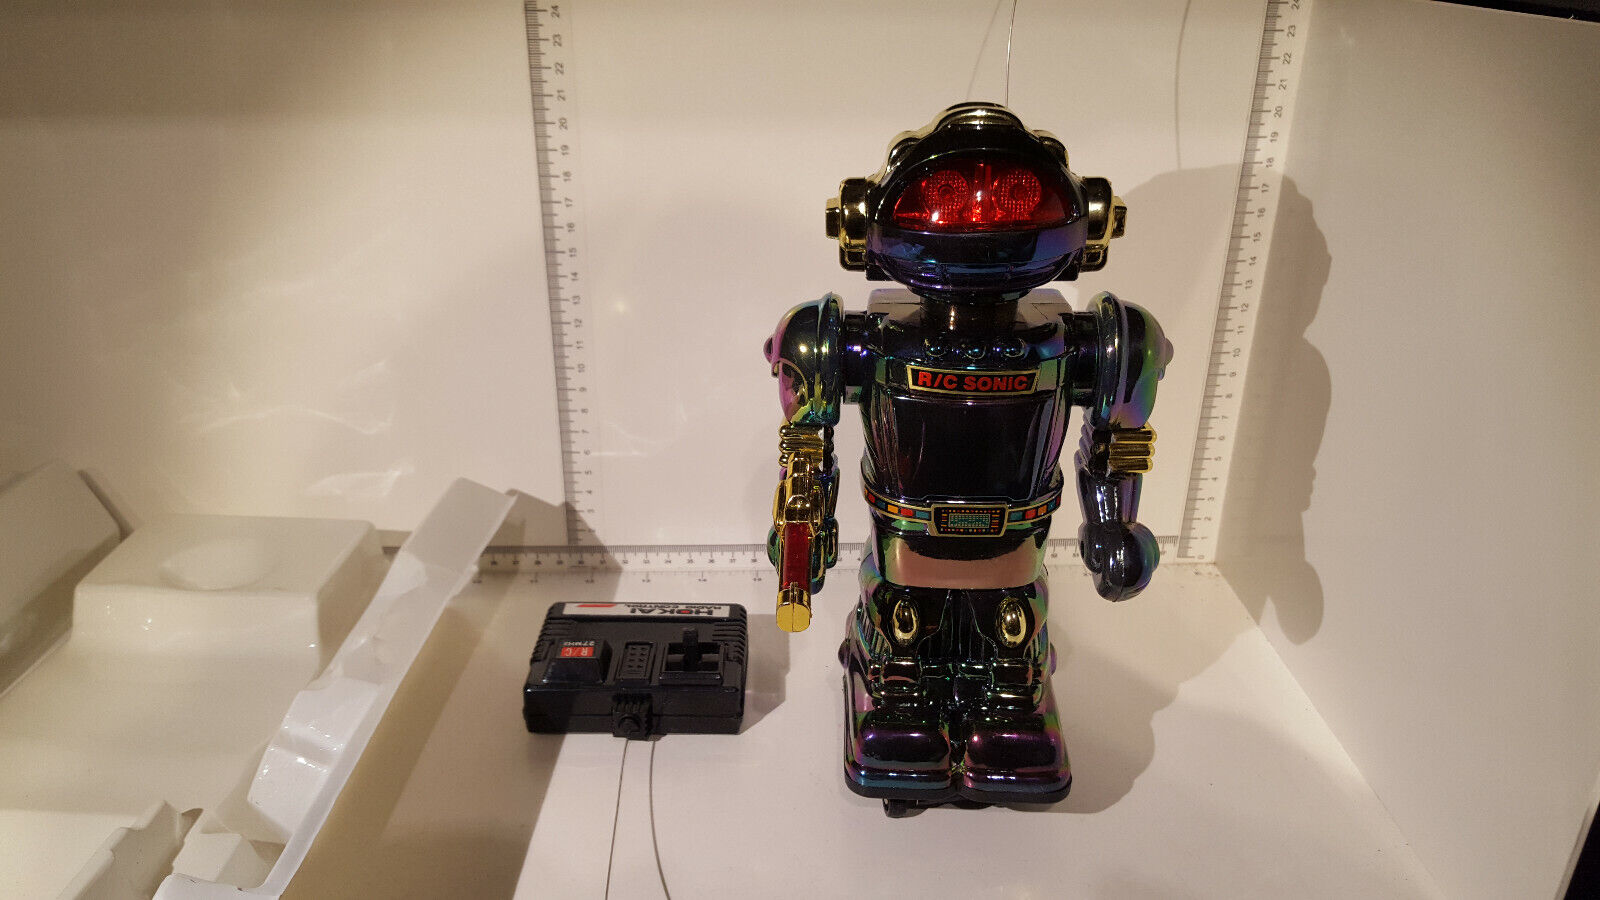 (LOTTO 318) HO-Kai  giocattoli HK-337 Sonic Vintage Radio Controllato Robot  essere molto richiesto